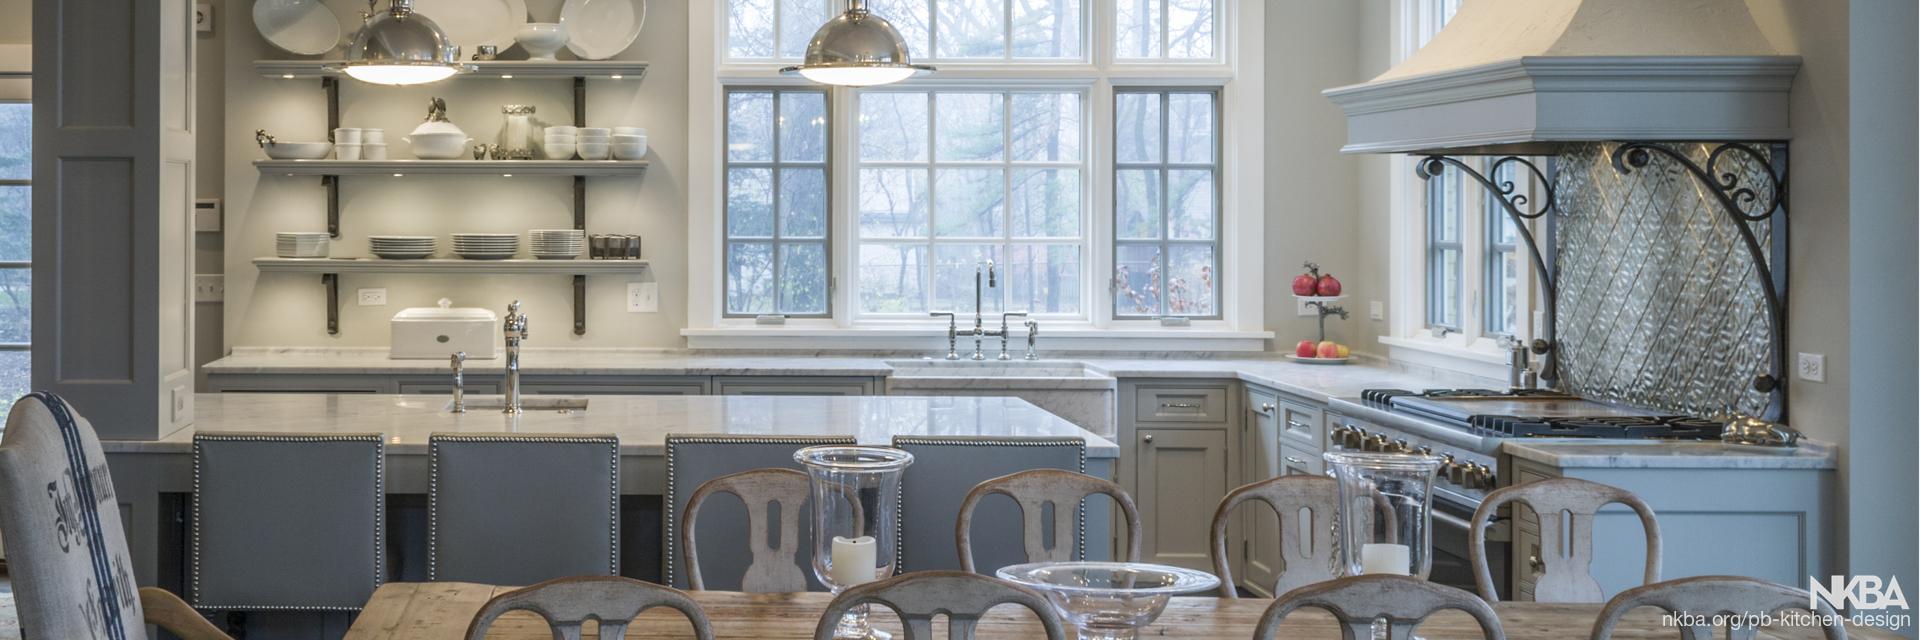 Pb Kitchen Design - NKBA